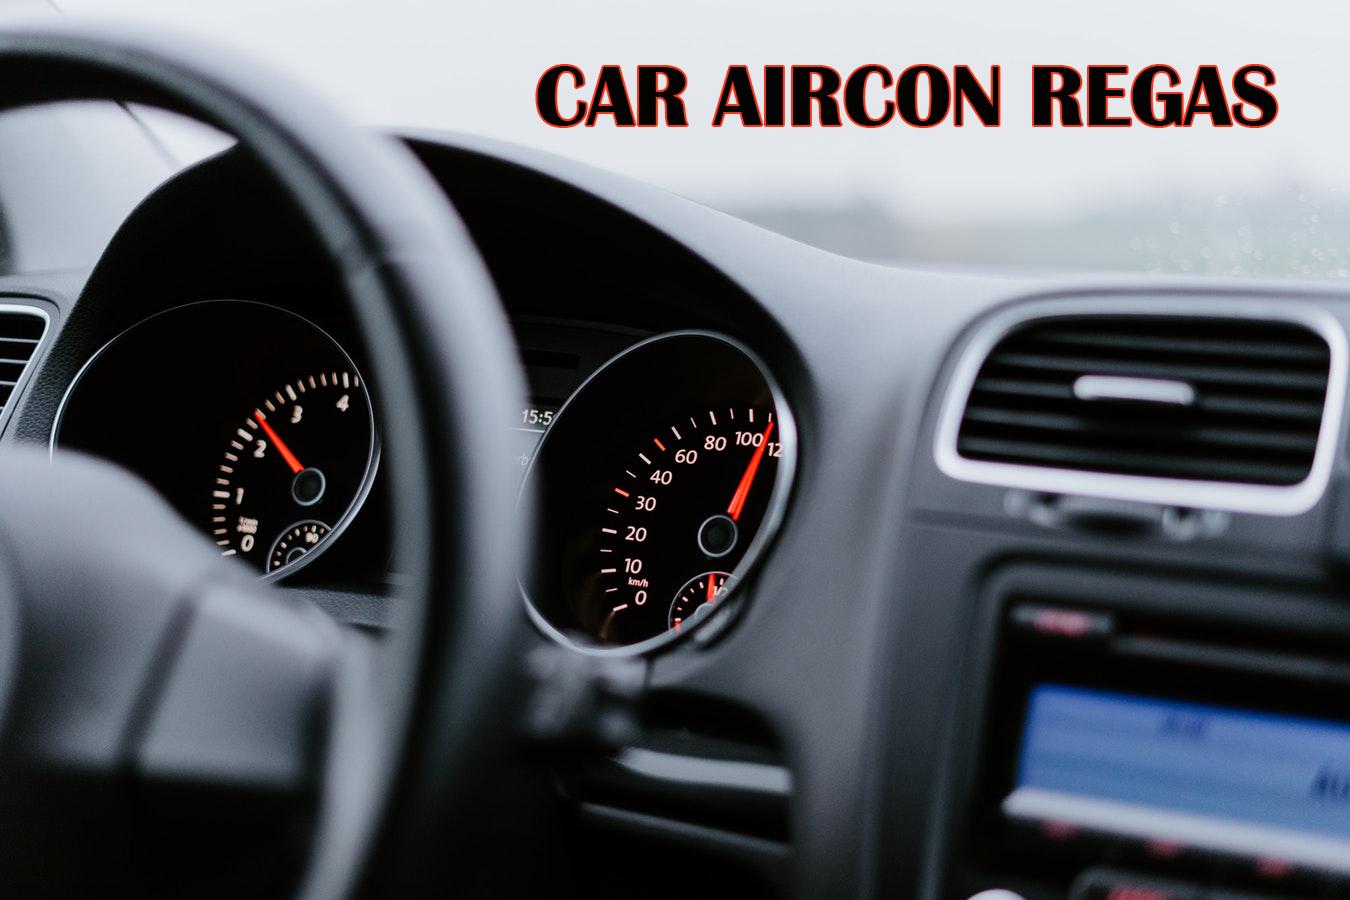 Car Aircon Regas Car air conditioning, Car, Car repair